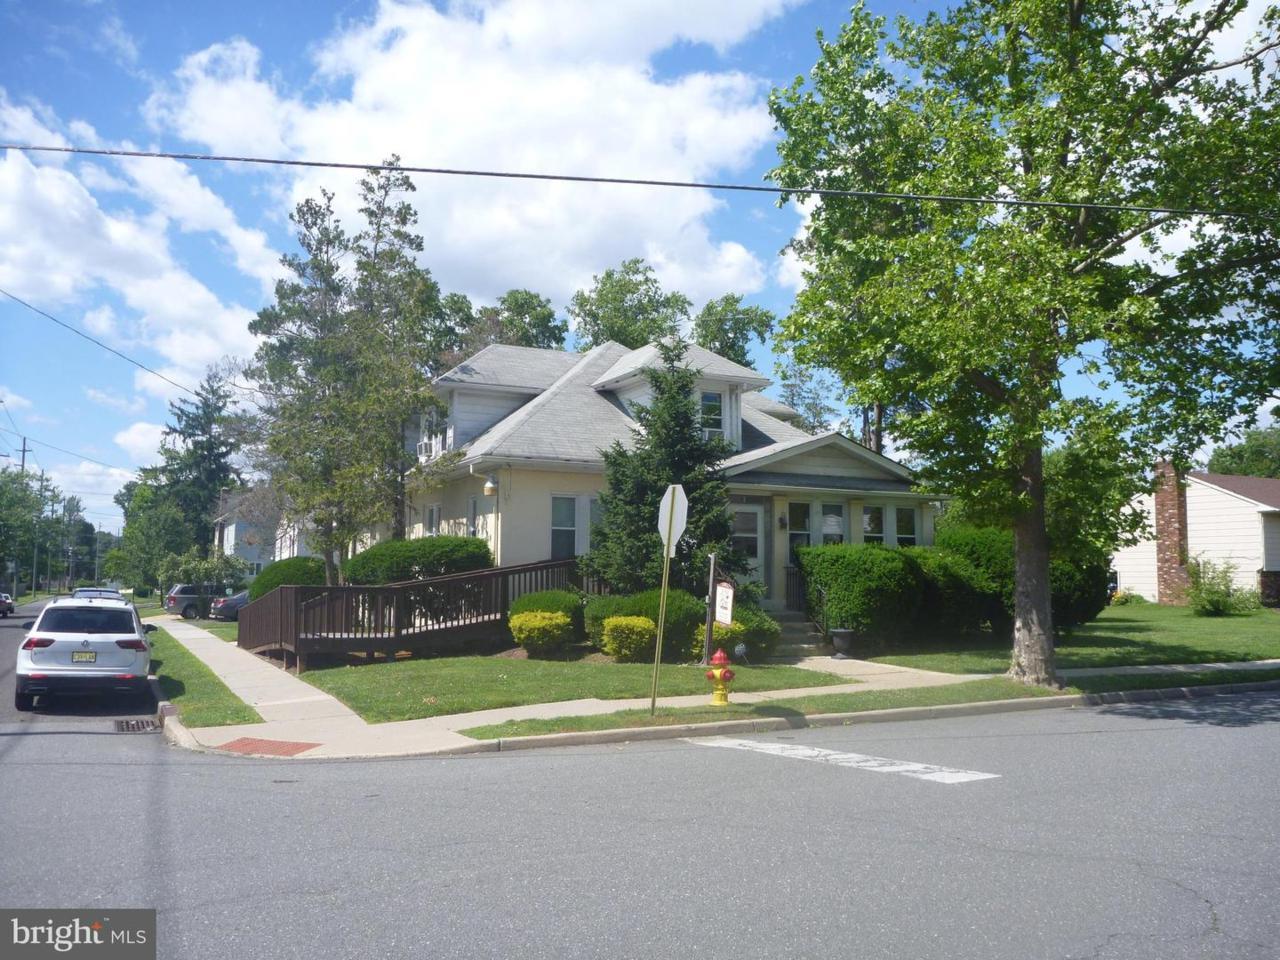 14 Estaugh Avenue - Photo 1